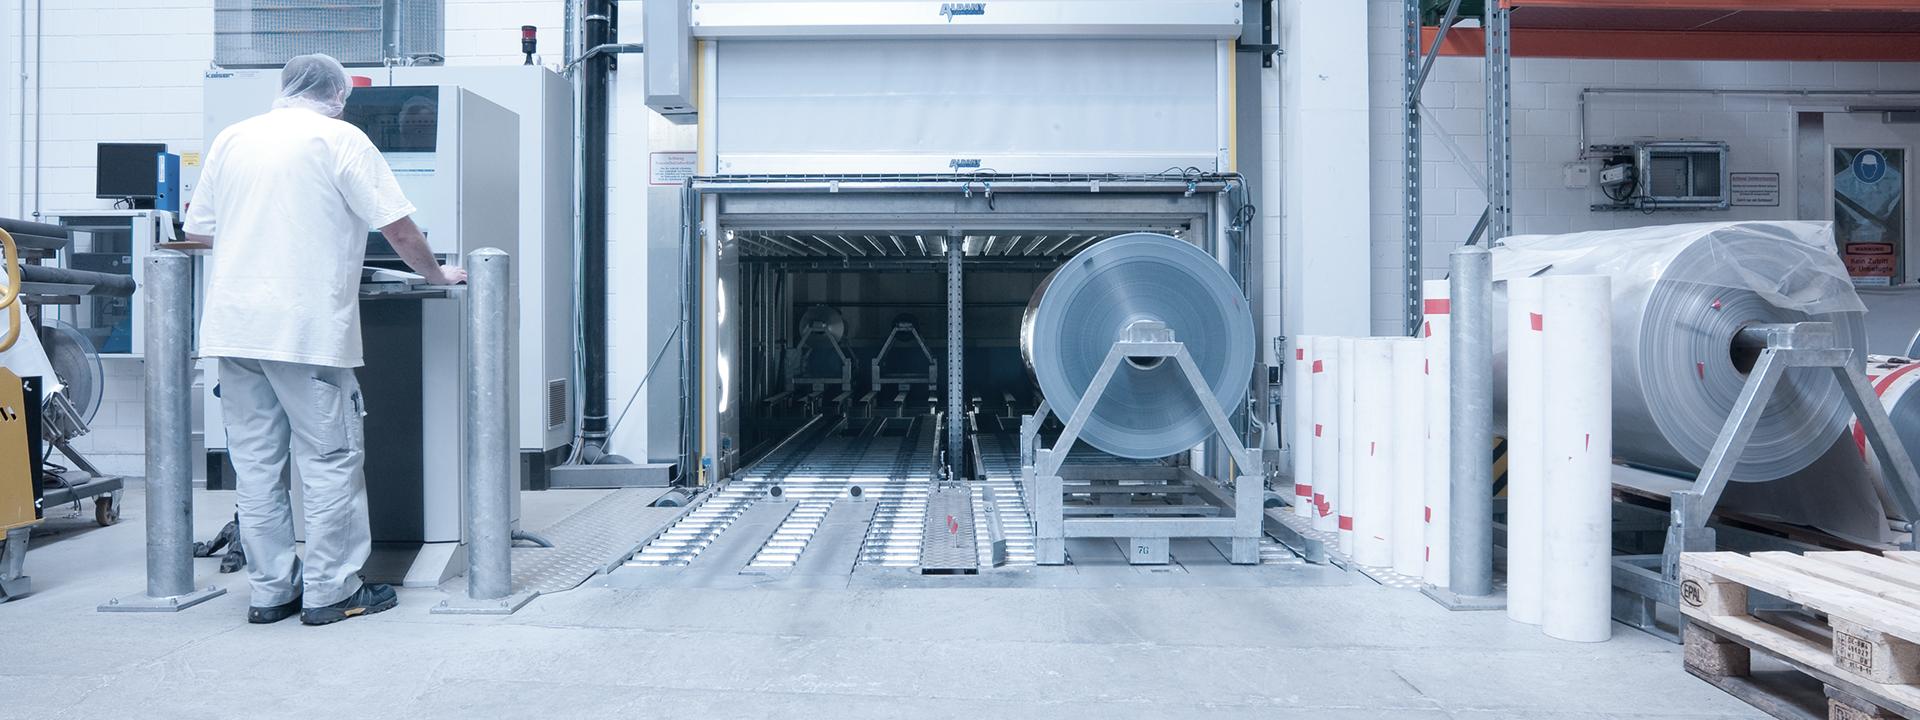 Ansicht der Produktion bei Ampac nach Betriebs- und Bauplanung des Neubaus durch IE Packaging